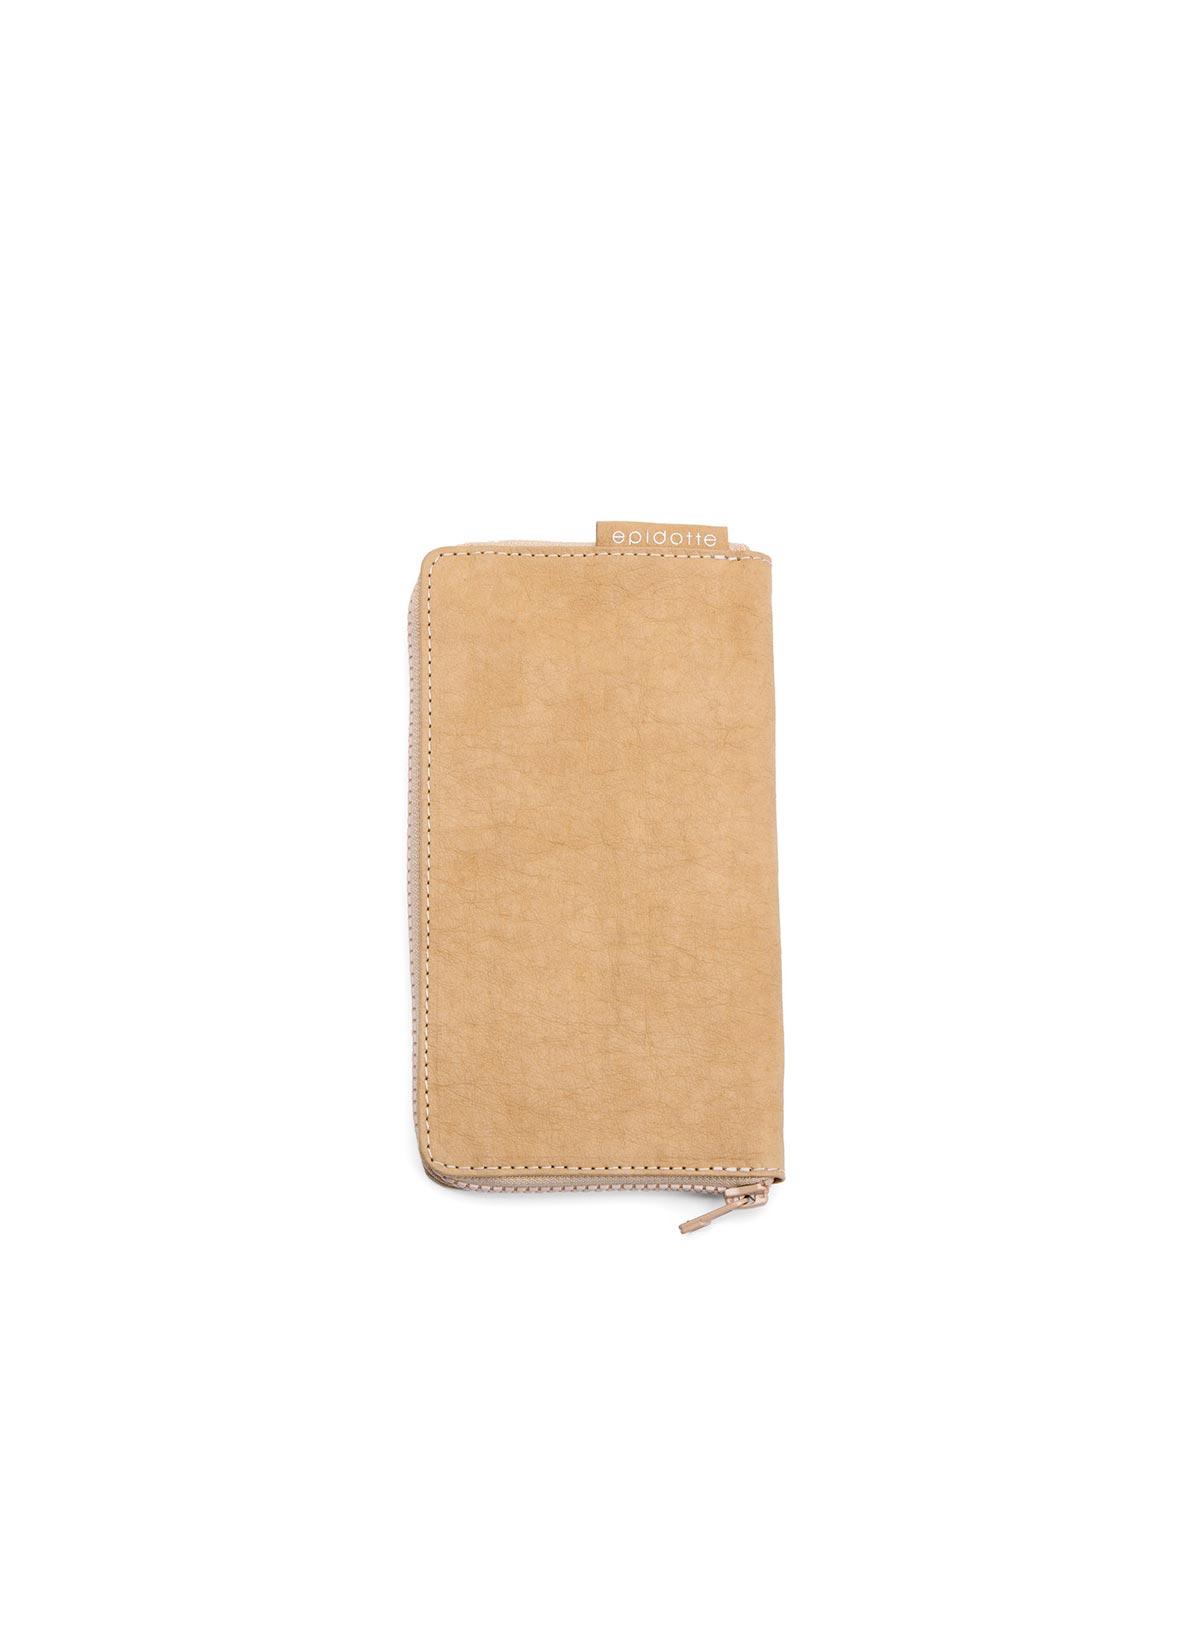 Zipped Wallet Beige